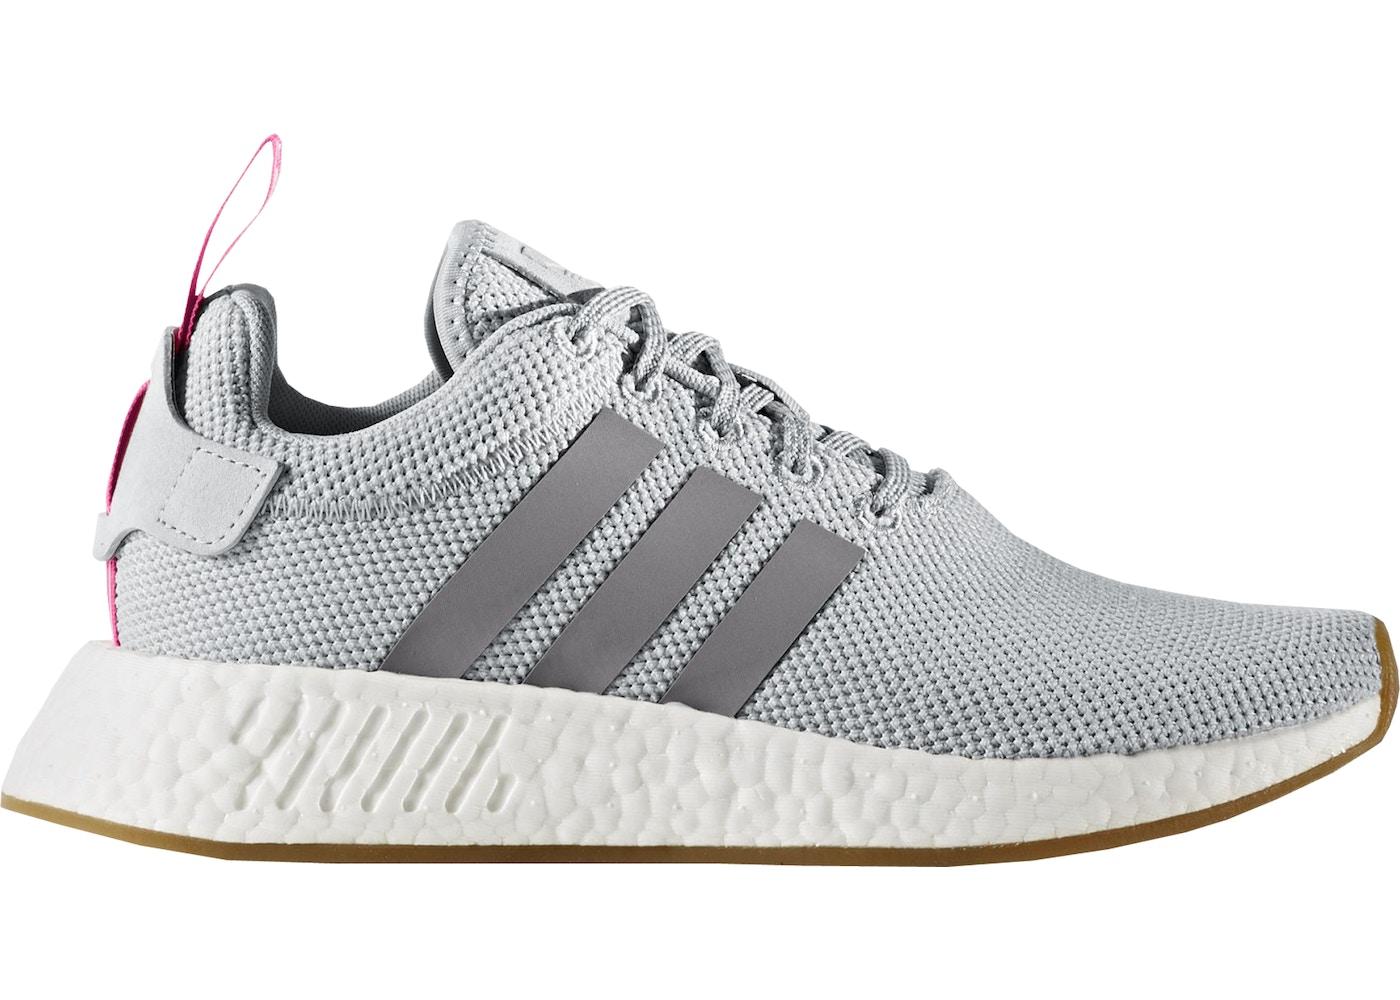 adidas NMD R2 Grey Shock Pink (W)